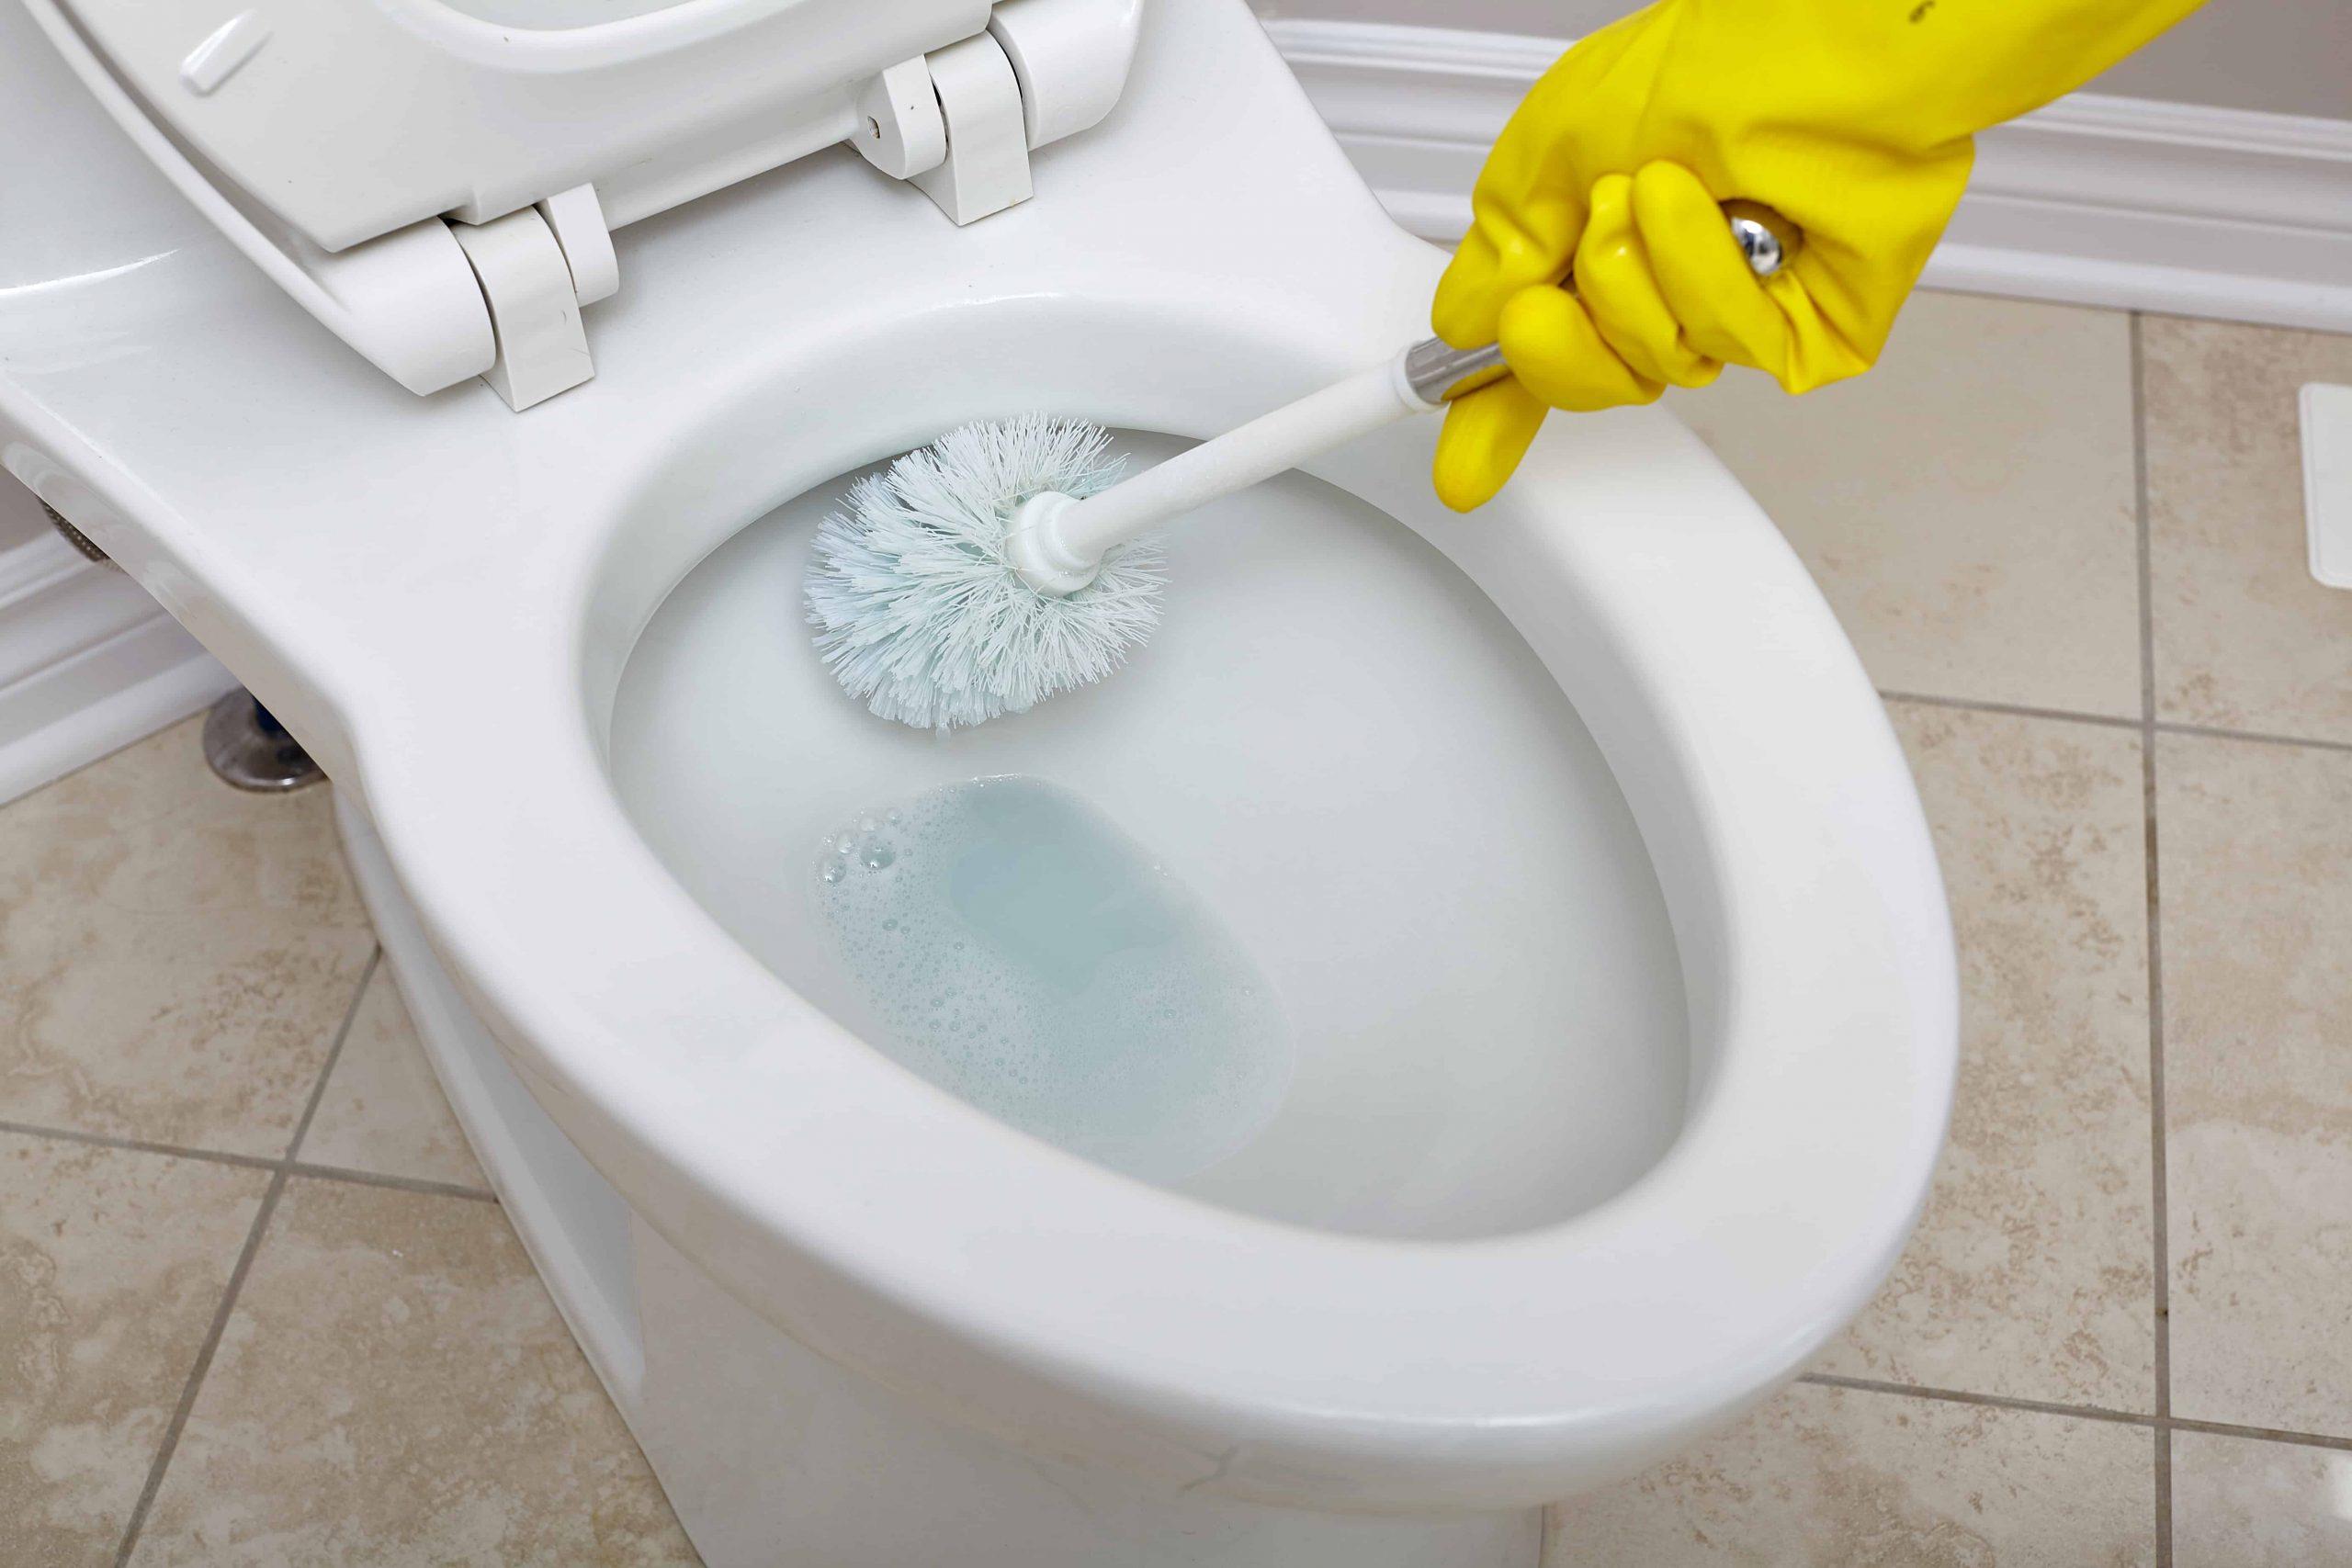 WC Reiniger: Test & Empfehlungen (02/20)